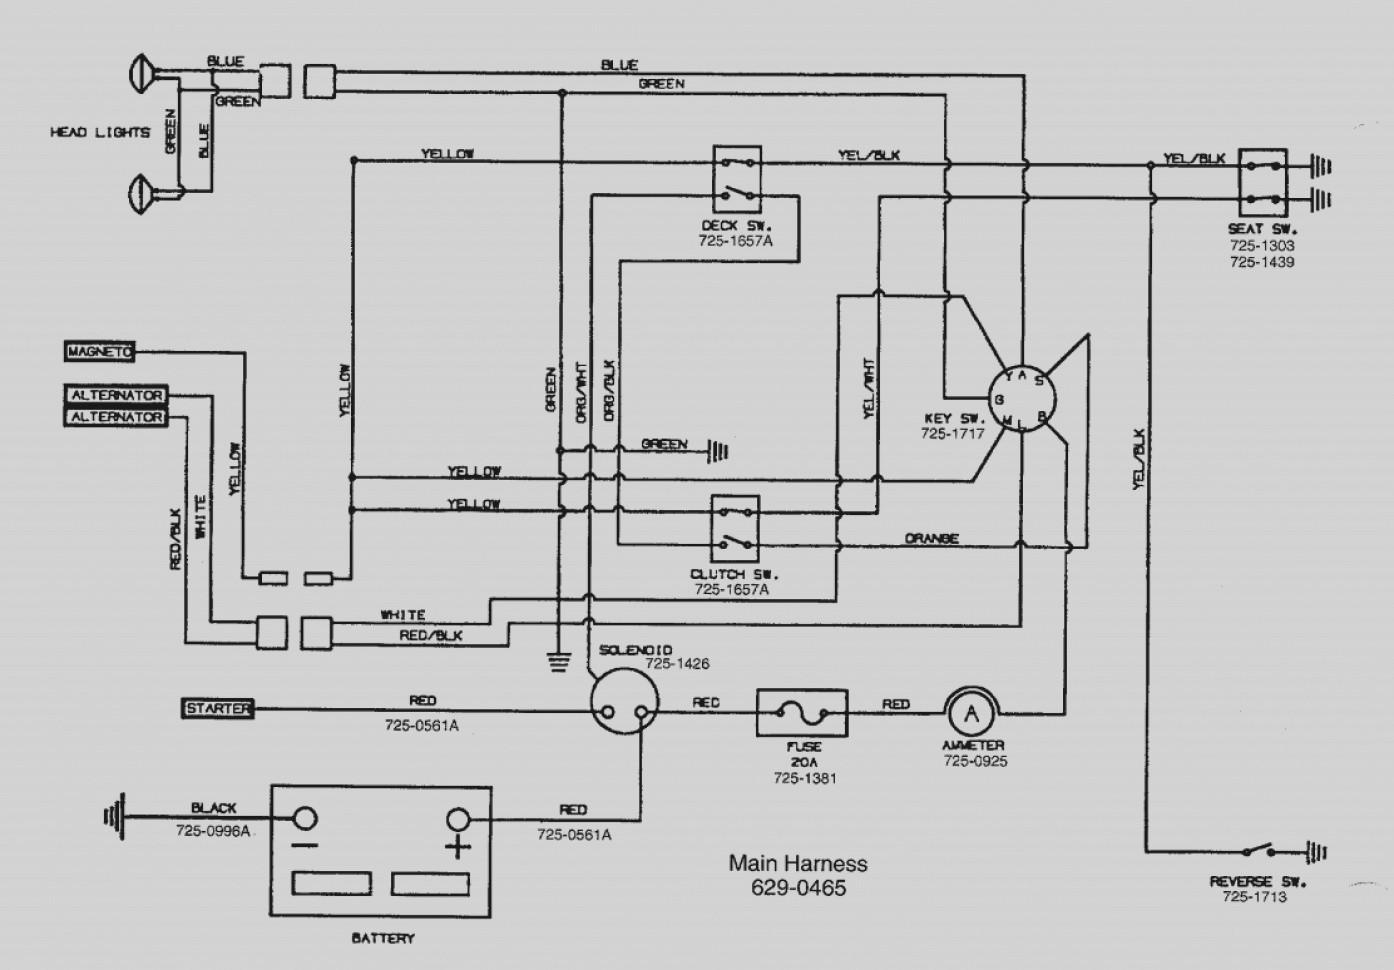 Scotts Lawn Tractor Wiring Diagram Simple Schema Scott S Mower Craftsman Garden Options